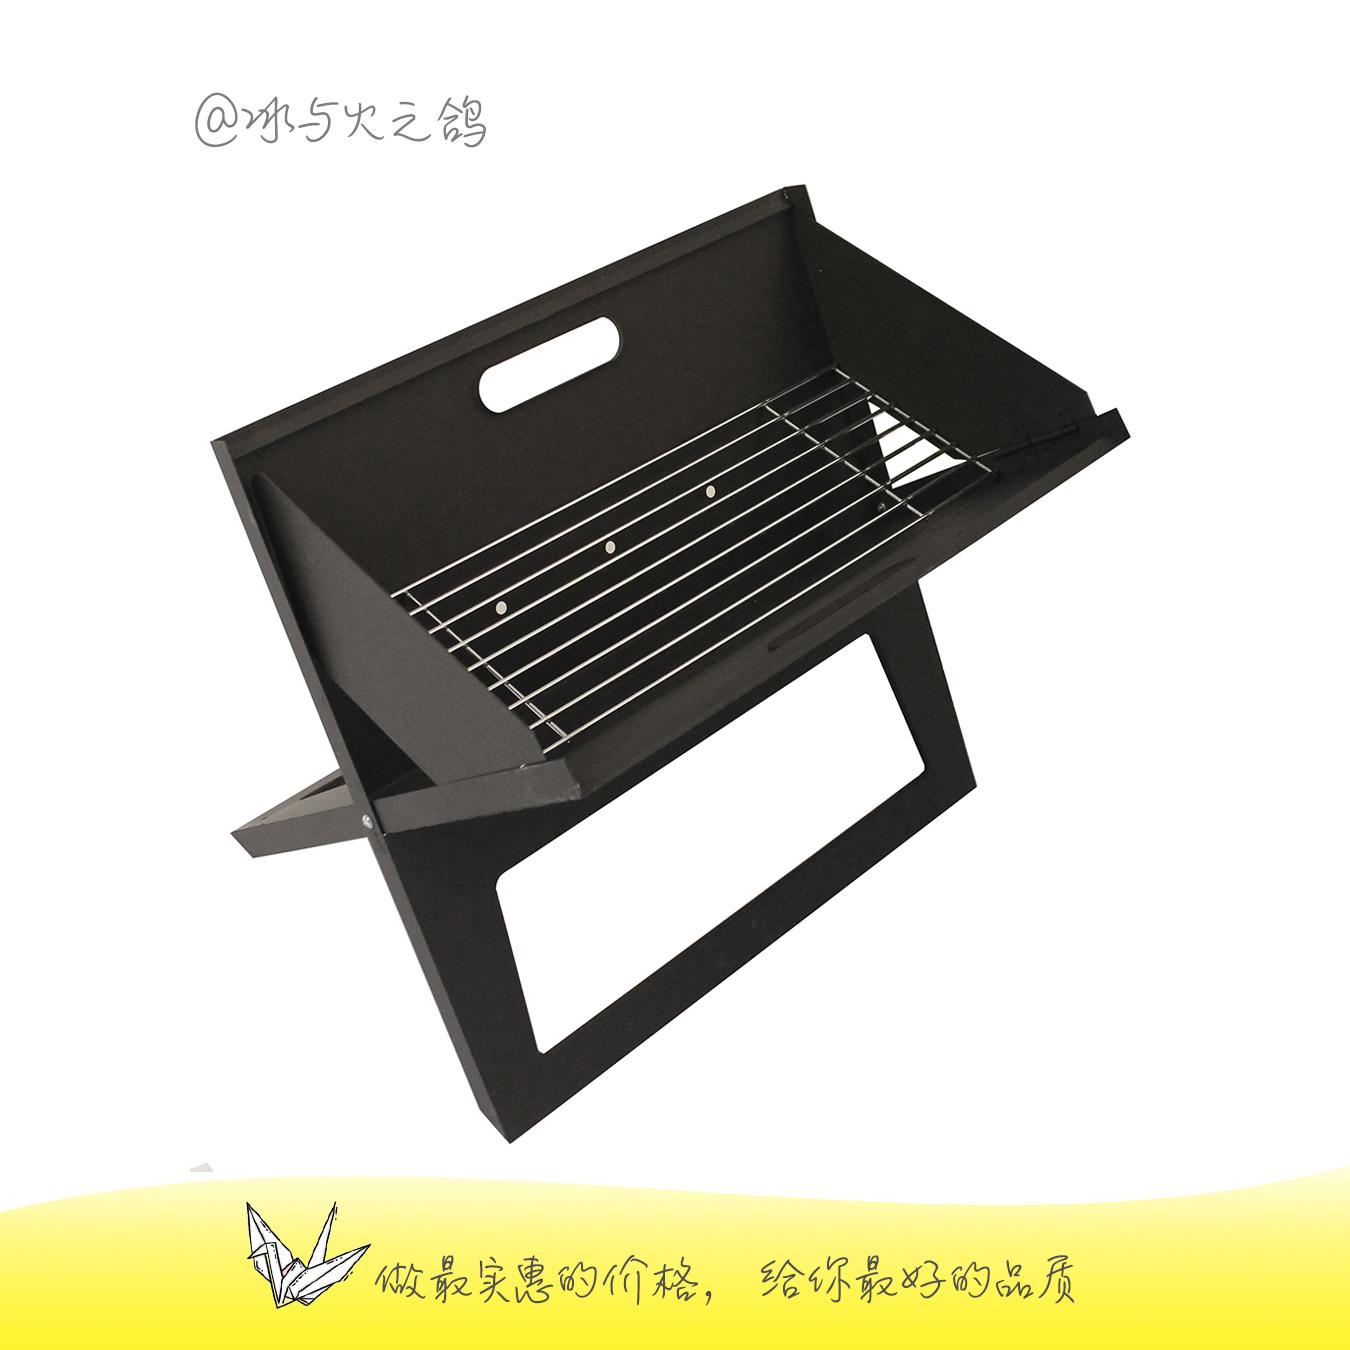 شواء شواء للطي في الهواء الطلق المحمولة المنزلية الجديدة البريد حزمة تصدير الفحم الشواء الساخنة جيدة